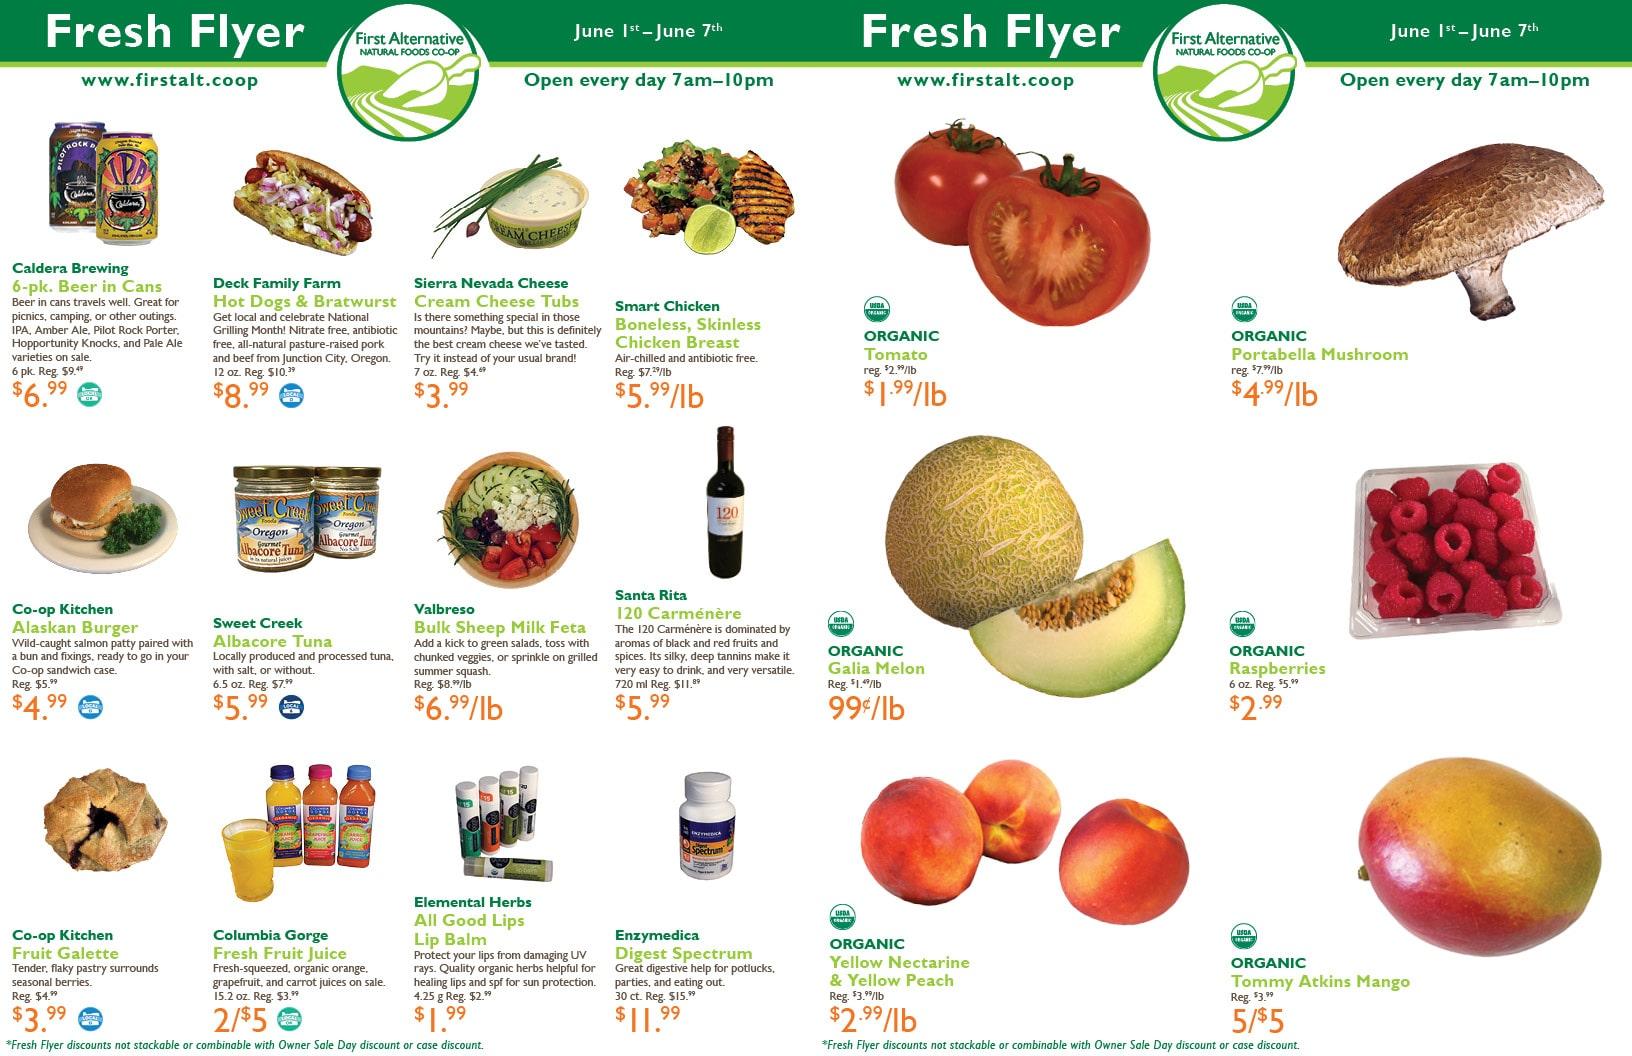 First Alternative Co-op Fresh Flyer June 1-7